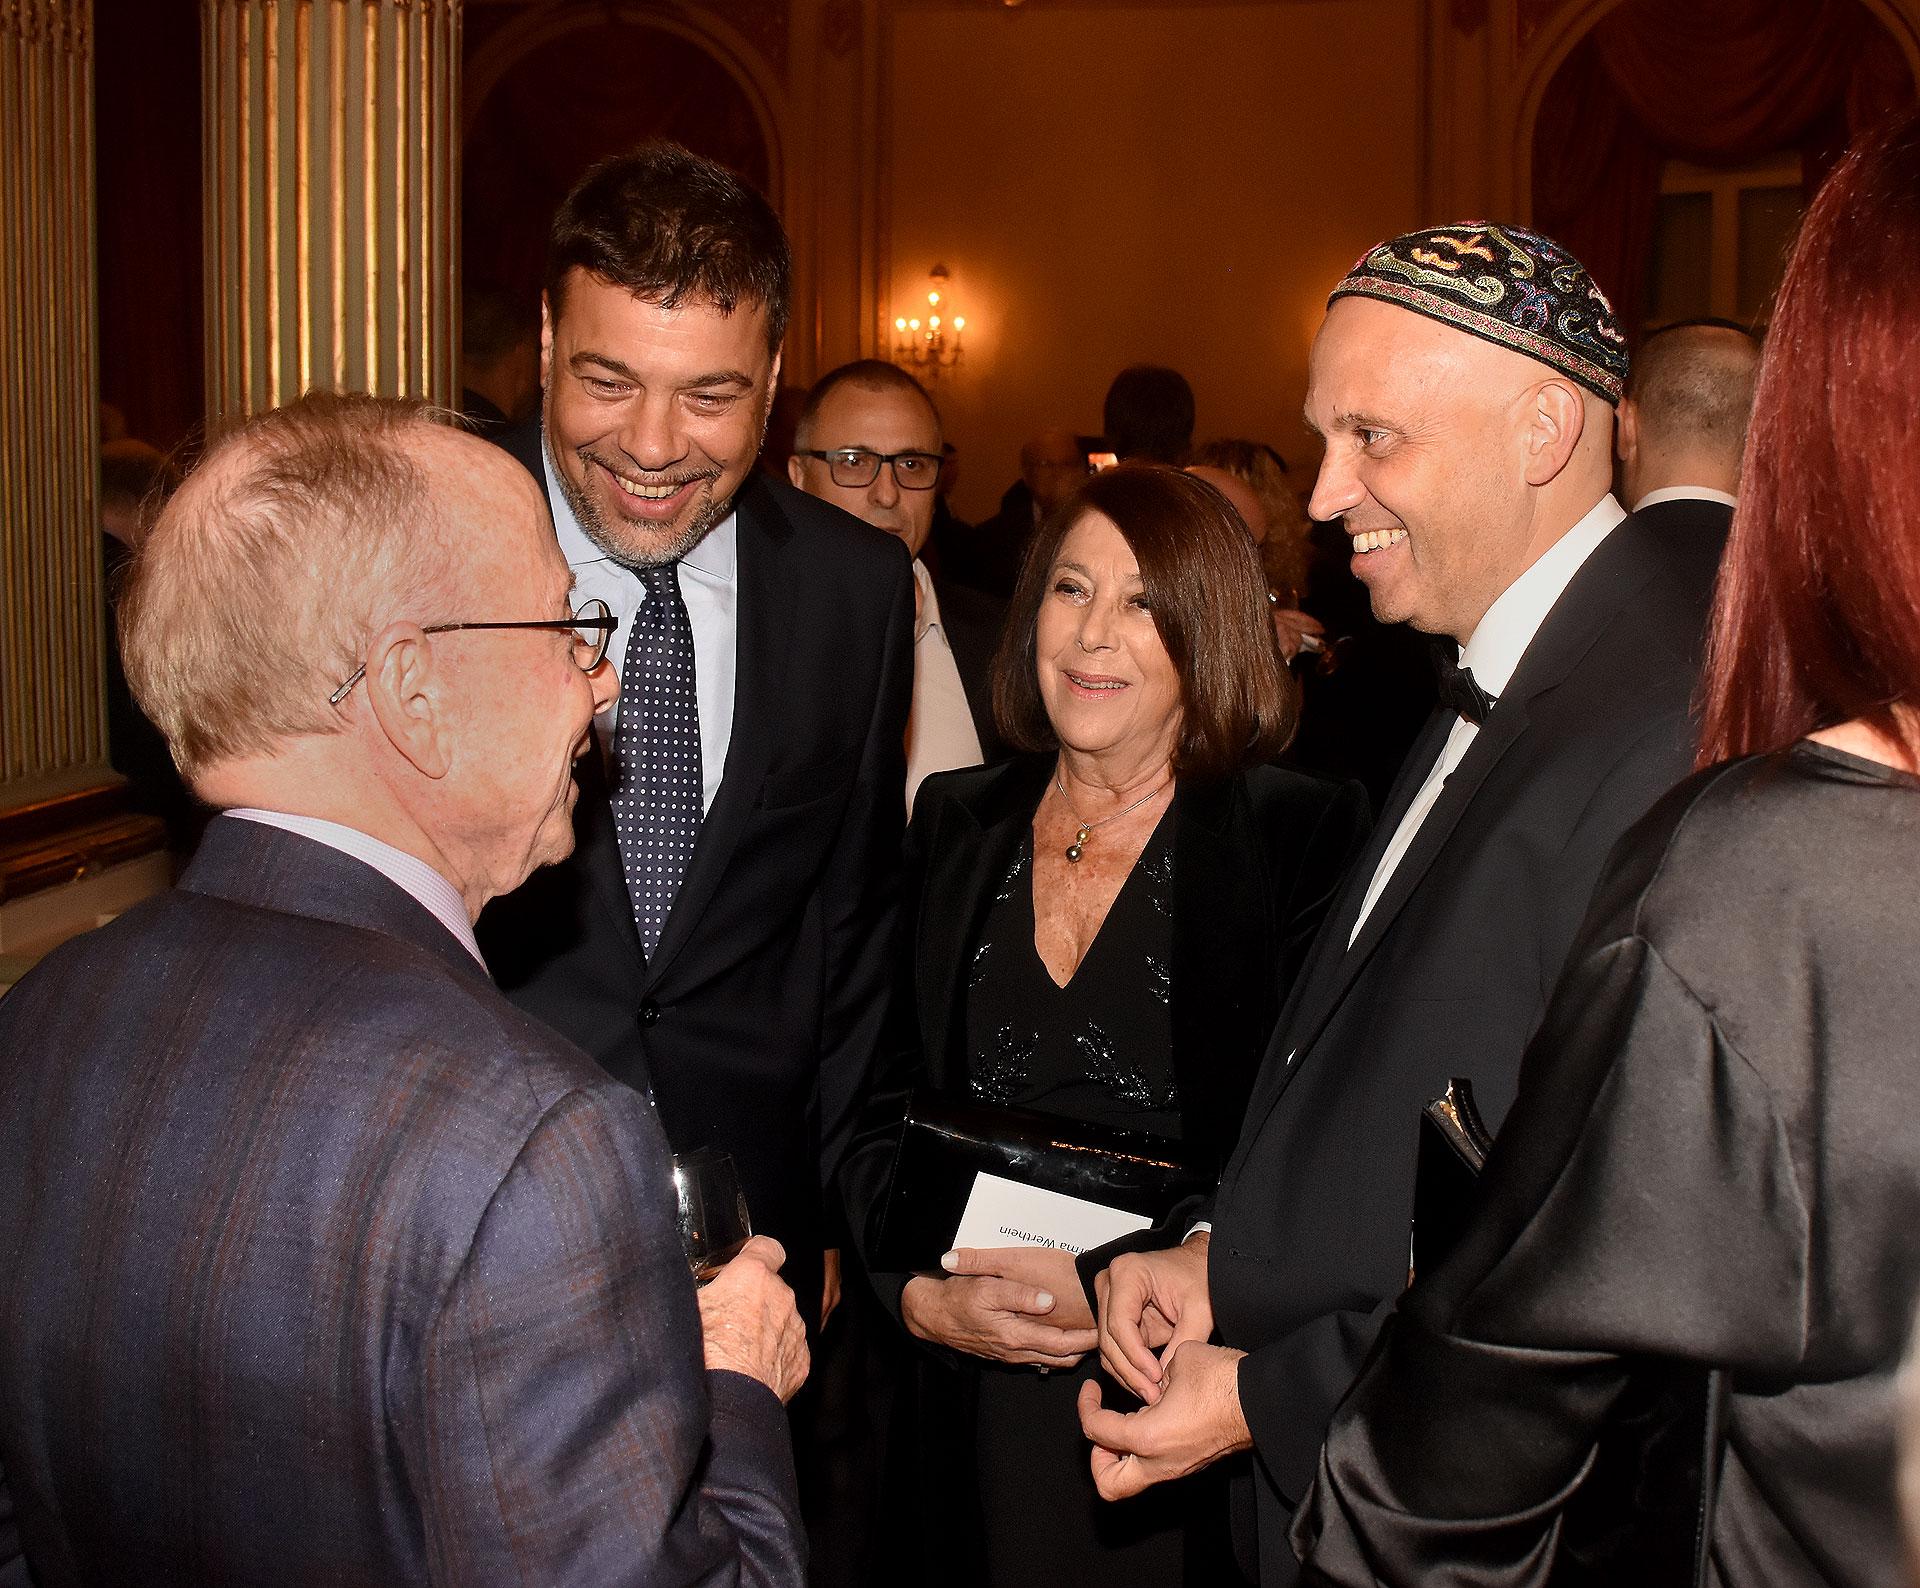 El presidente de ORT Mundial, Dr. Conrad Giles, dialoga con el Presidente del consejo de administración de ORT Mundial, Darío Werthein, su mamá Norma G. y el ministro Bergman